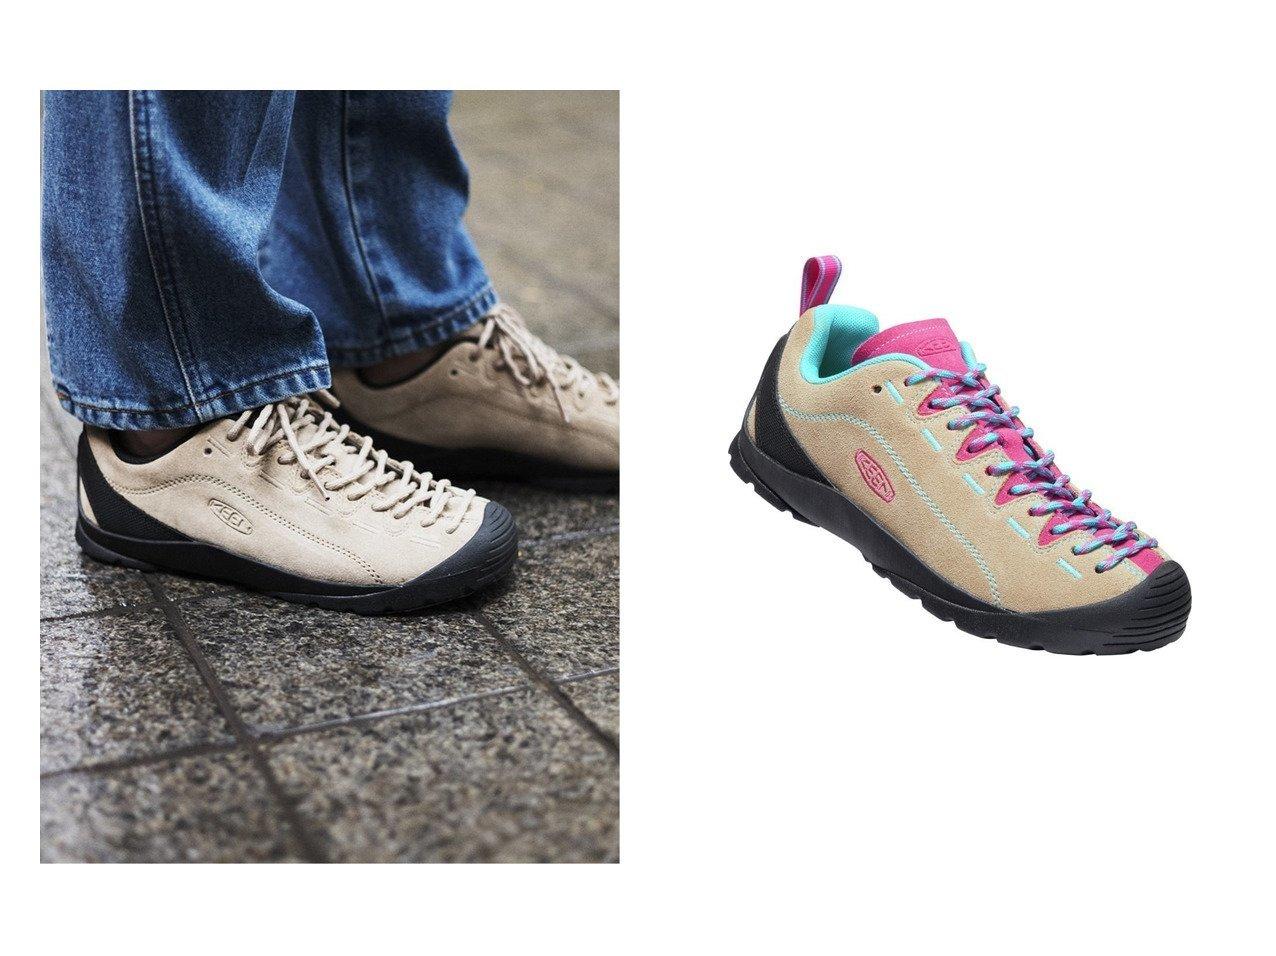 【KEEN/キーン】の(WOMEN)JASPER&(WOMEN)JASPER 【シューズ・靴】おすすめ!人気トレンド・レディースファッションの通販  おすすめで人気の流行・トレンド、ファッションの通販商品 メンズファッション・キッズファッション・インテリア・家具・レディースファッション・服の通販 founy(ファニー) https://founy.com/ ファッション Fashion レディースファッション WOMEN アウトドア クッション コルク シューズ スエード スニーカー スリッポン メッシュ モチーフ ライニング レース おすすめ Recommend |ID:crp329100000029629